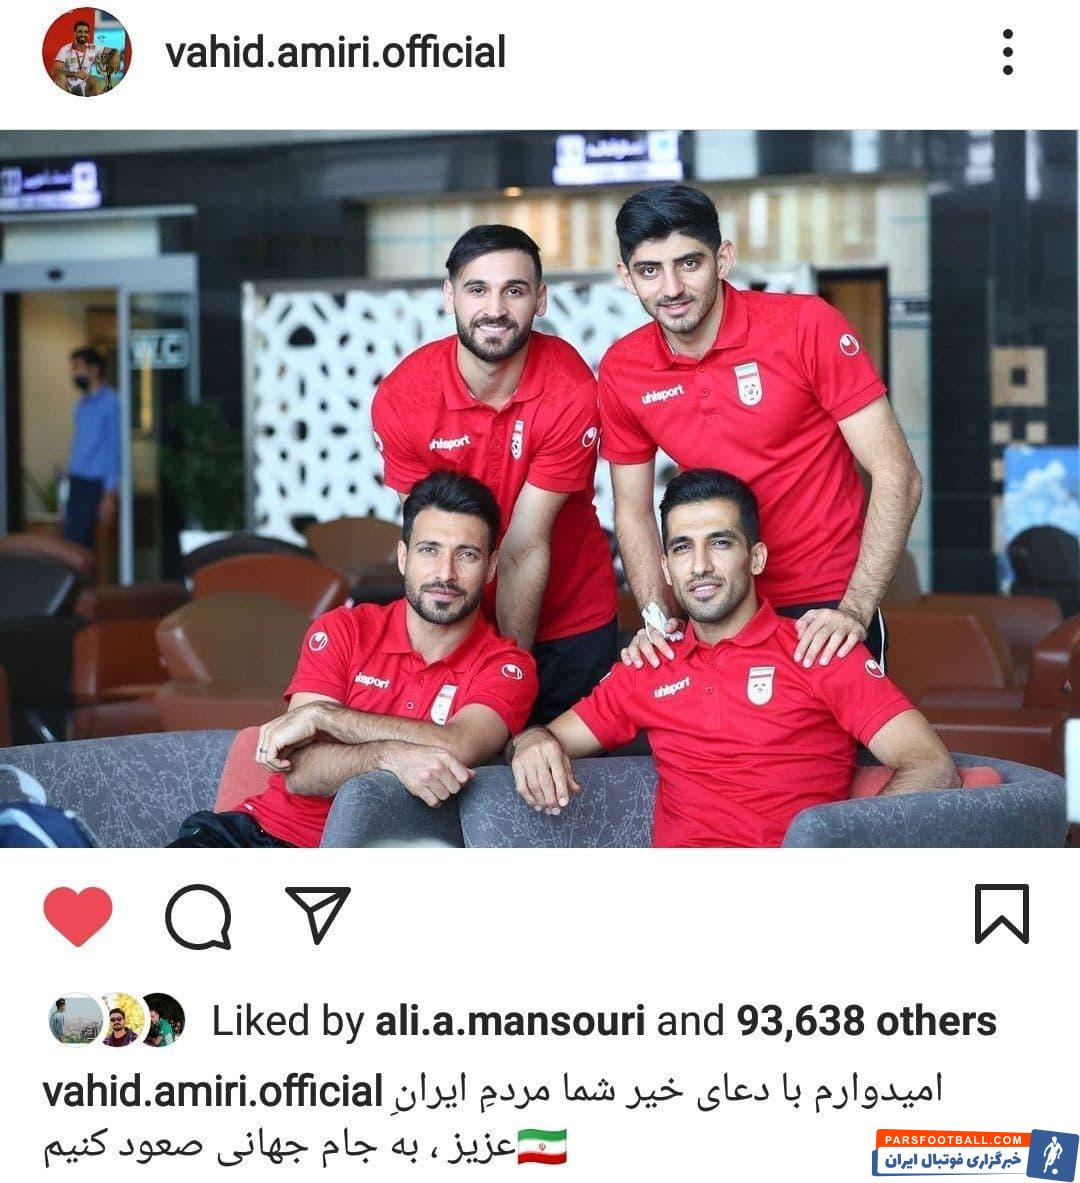 وحید امیری در جمع پرسپولیسی های تیم ملی : امیدوارم با دعای خیر شما مردم ایران عزیز، به جام جهانی صعود کنیم